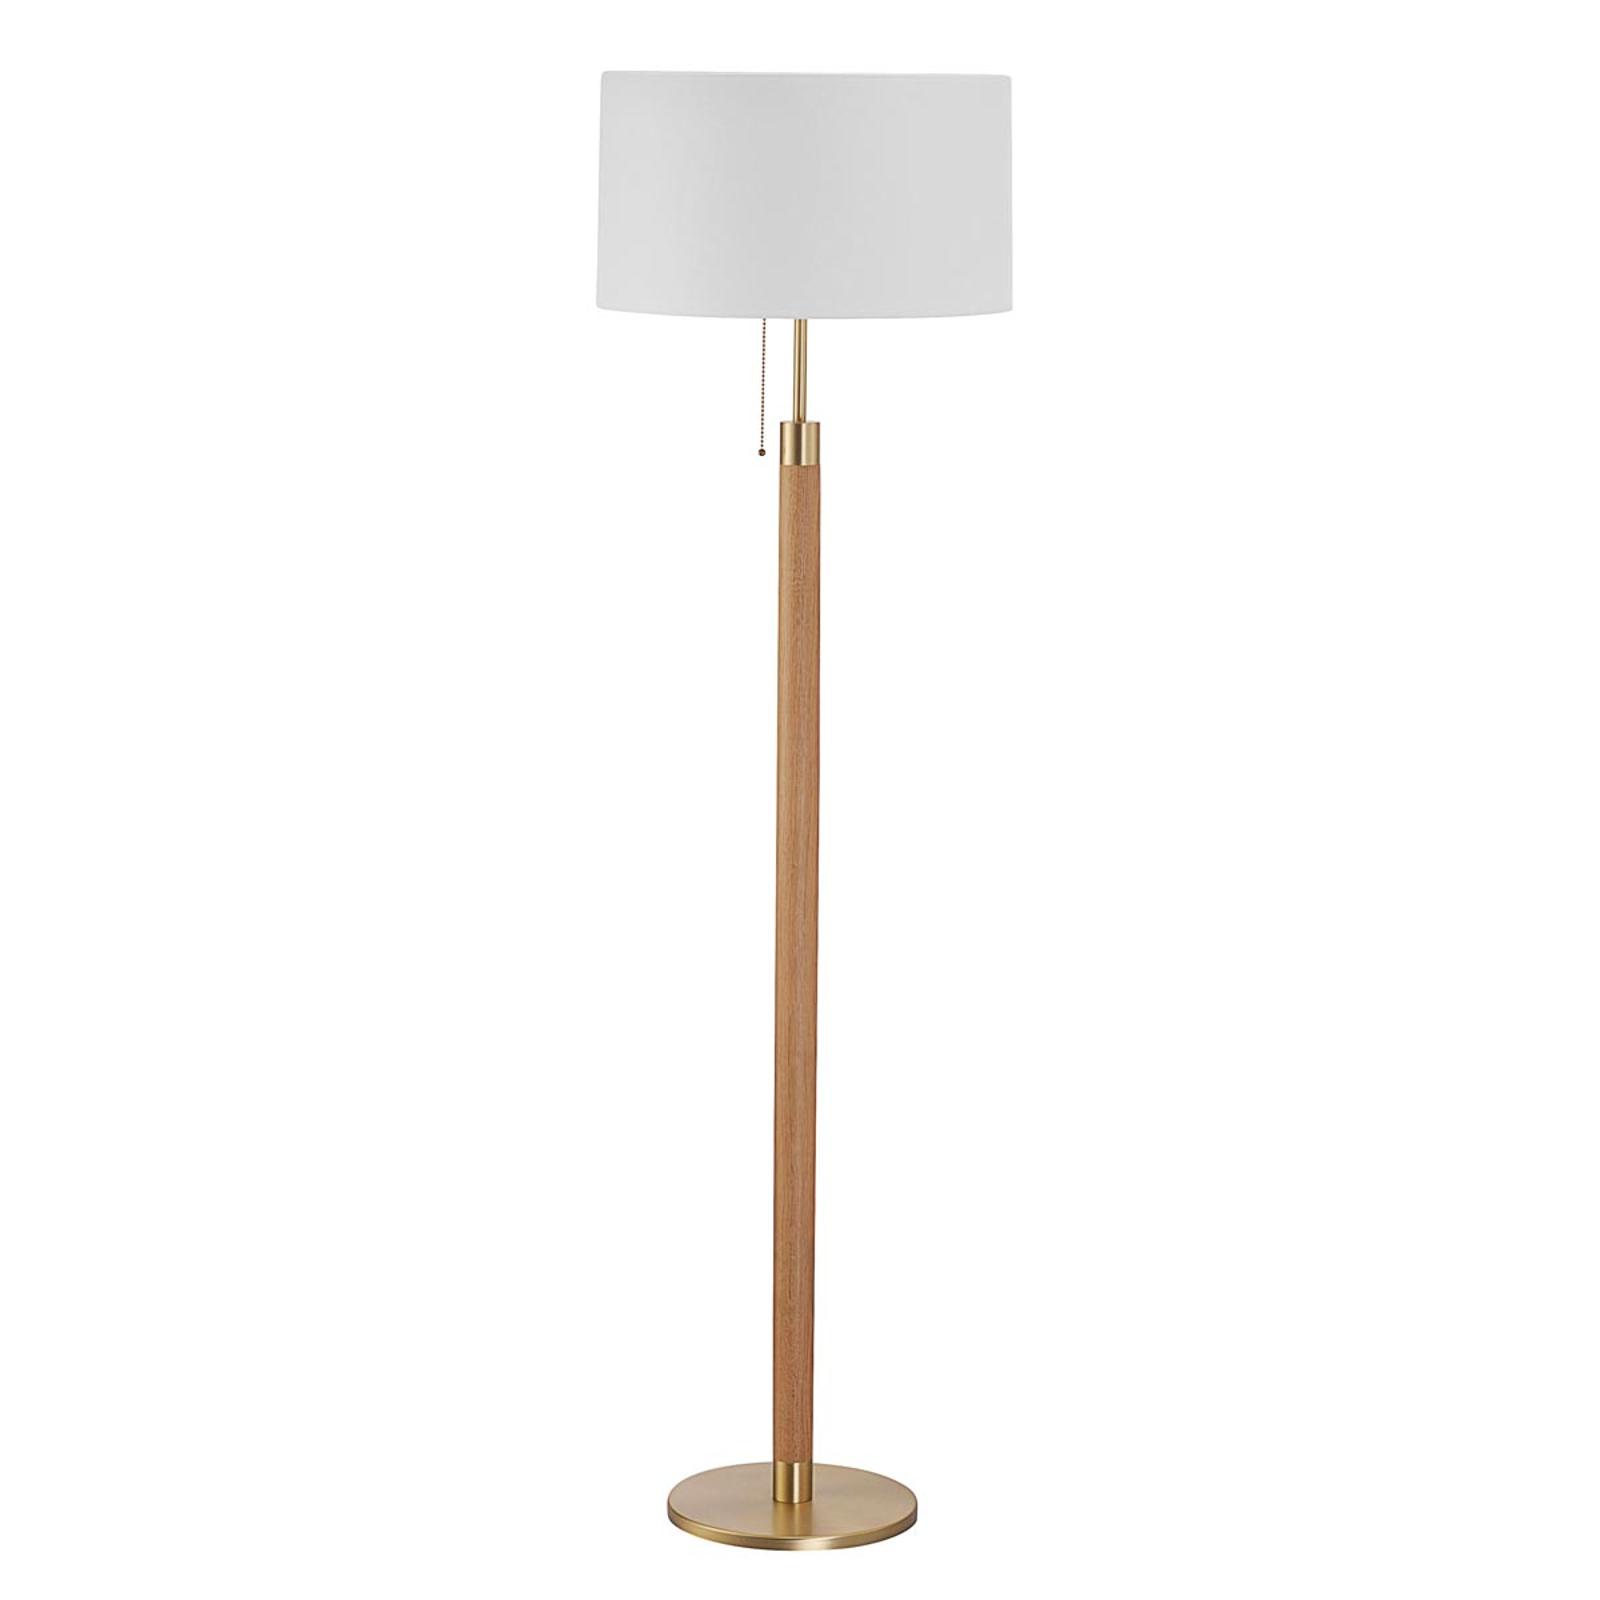 Drewniana lampa stojąca LIGNUM z abażurem